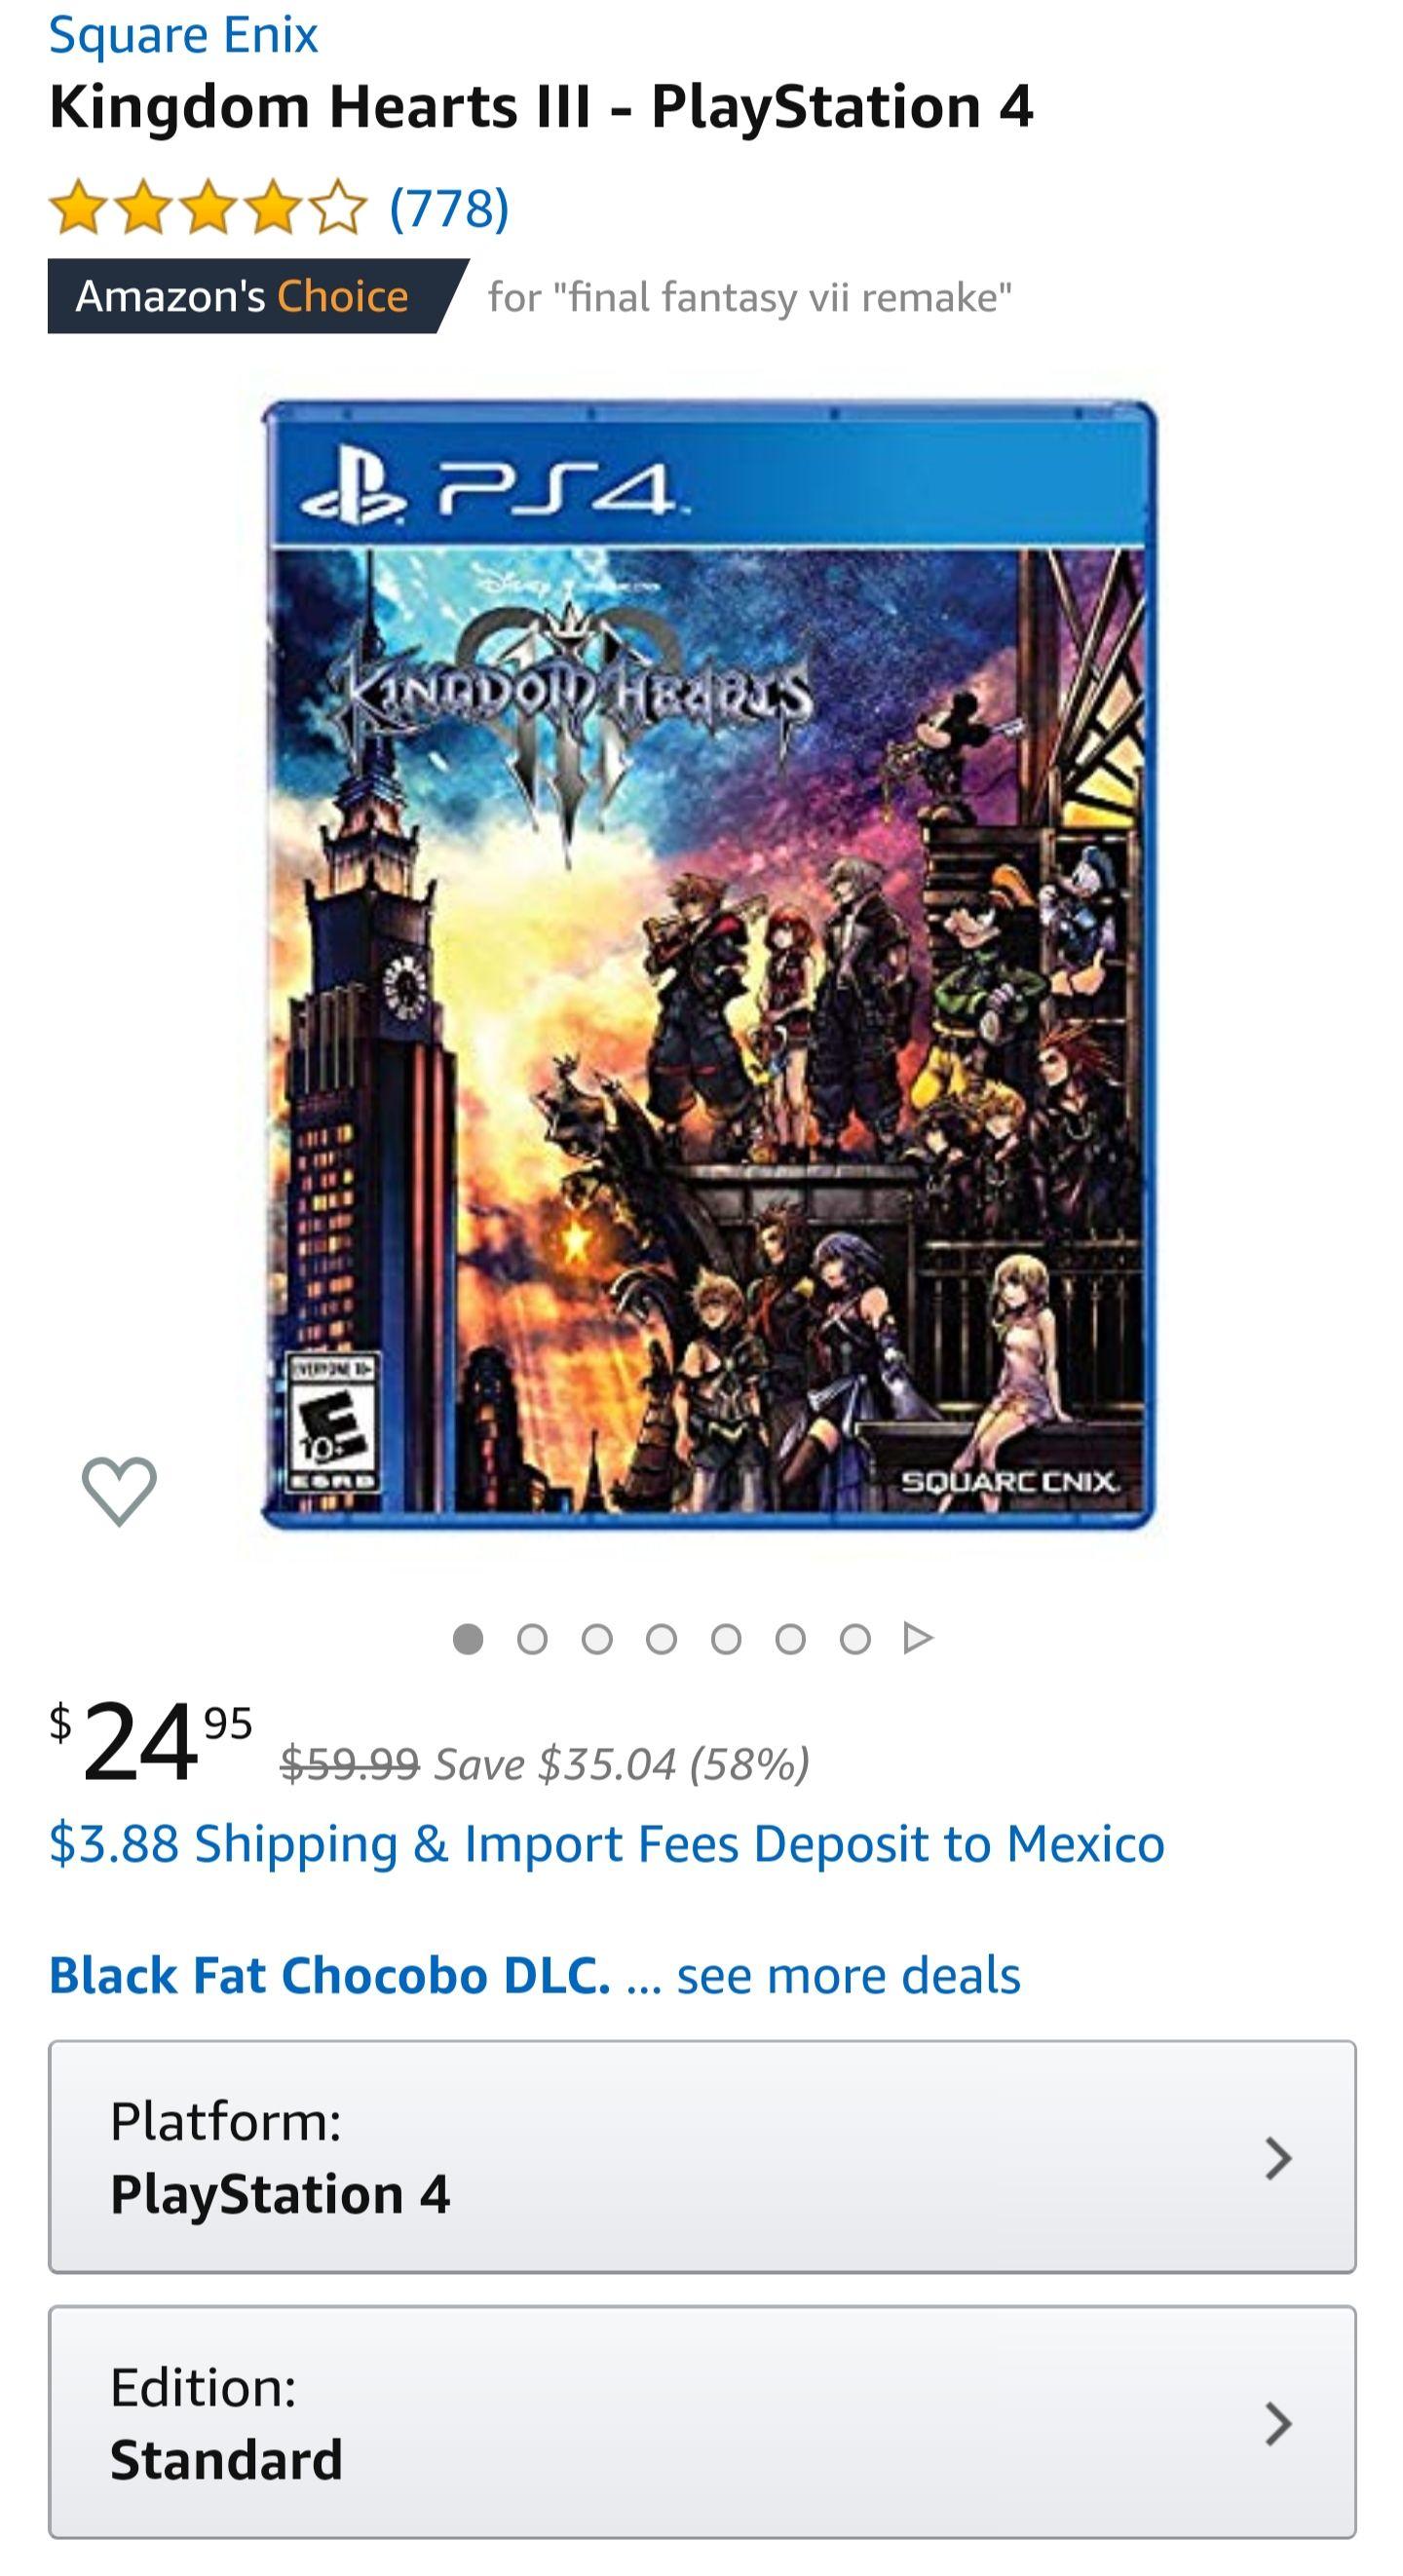 Amazon USA - Kingdom Hearts III